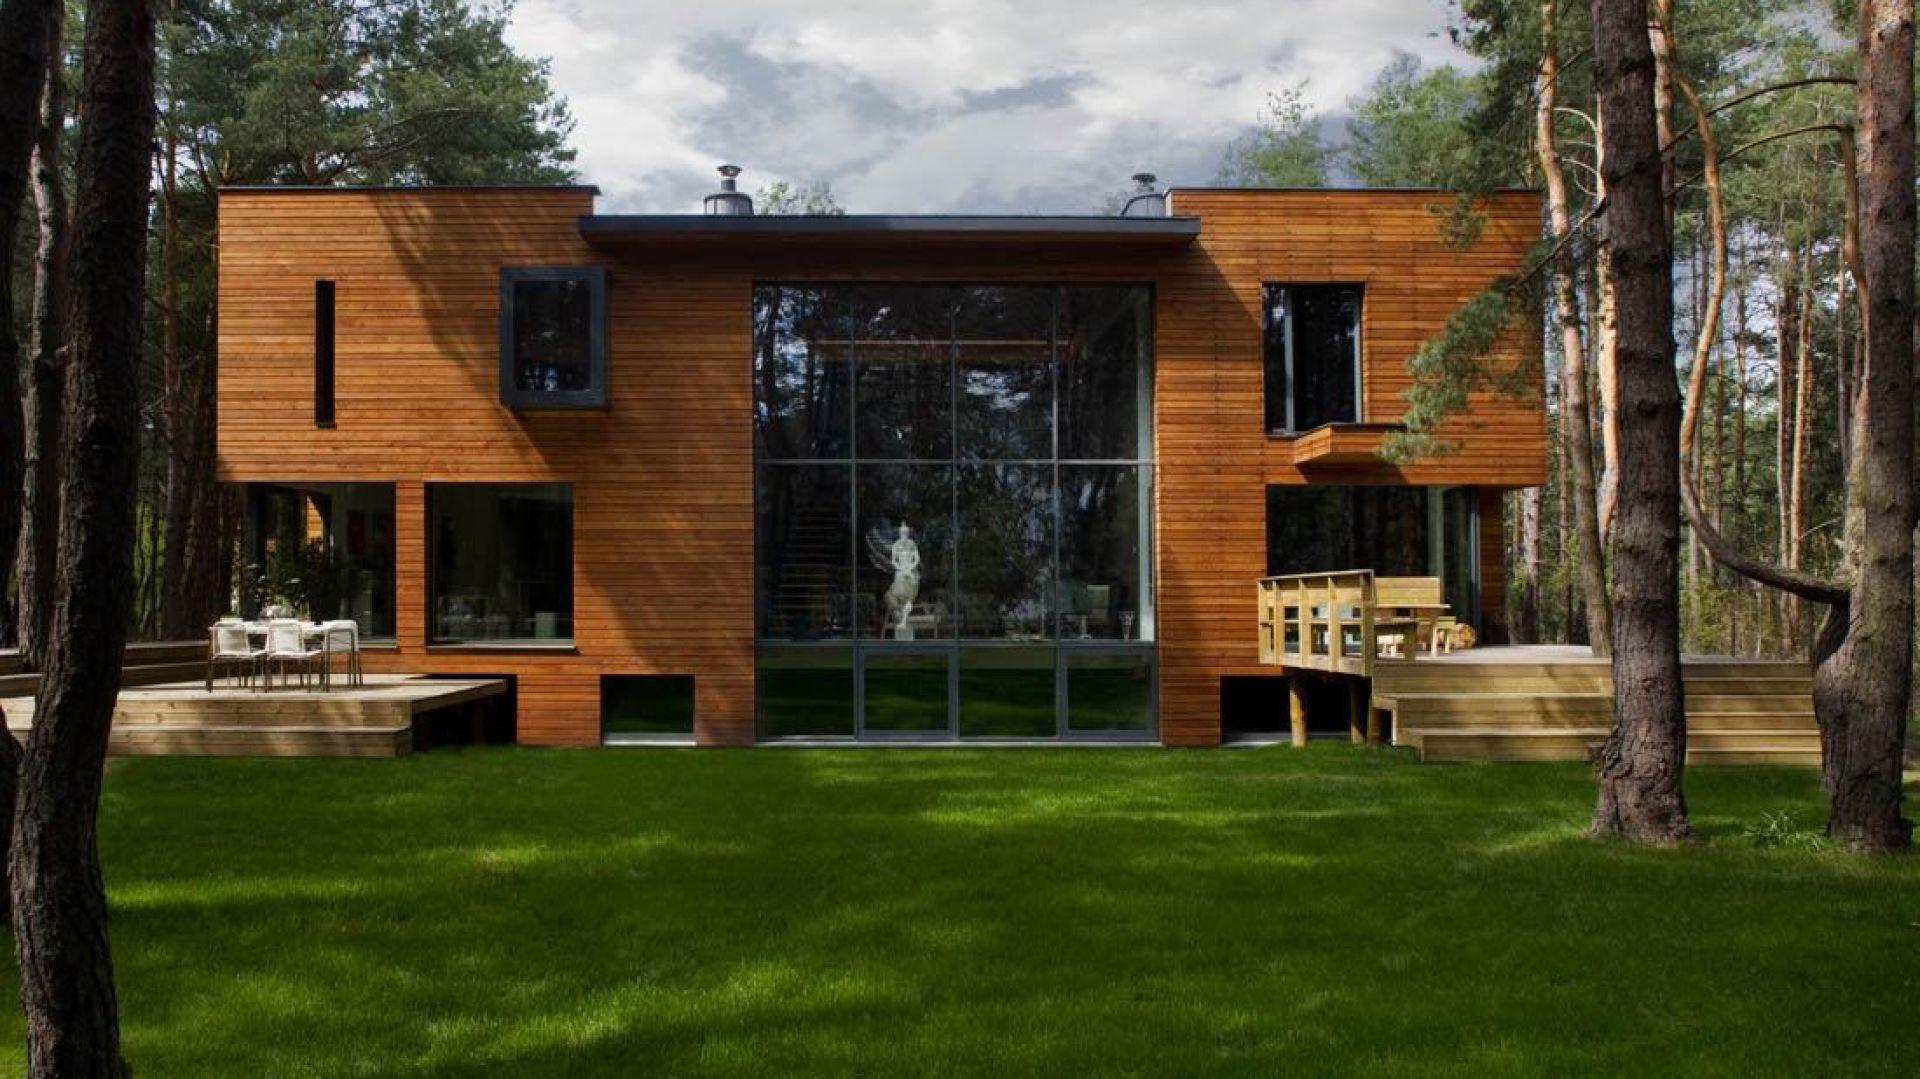 Dom został wybudowany na malowniczej działce pod Warszawą. Elewacja pokryta jest modrzewiowymi deskami oraz bazaltem powulkanicznym. Projekt i zdjęcia: Kulczynski Architekt